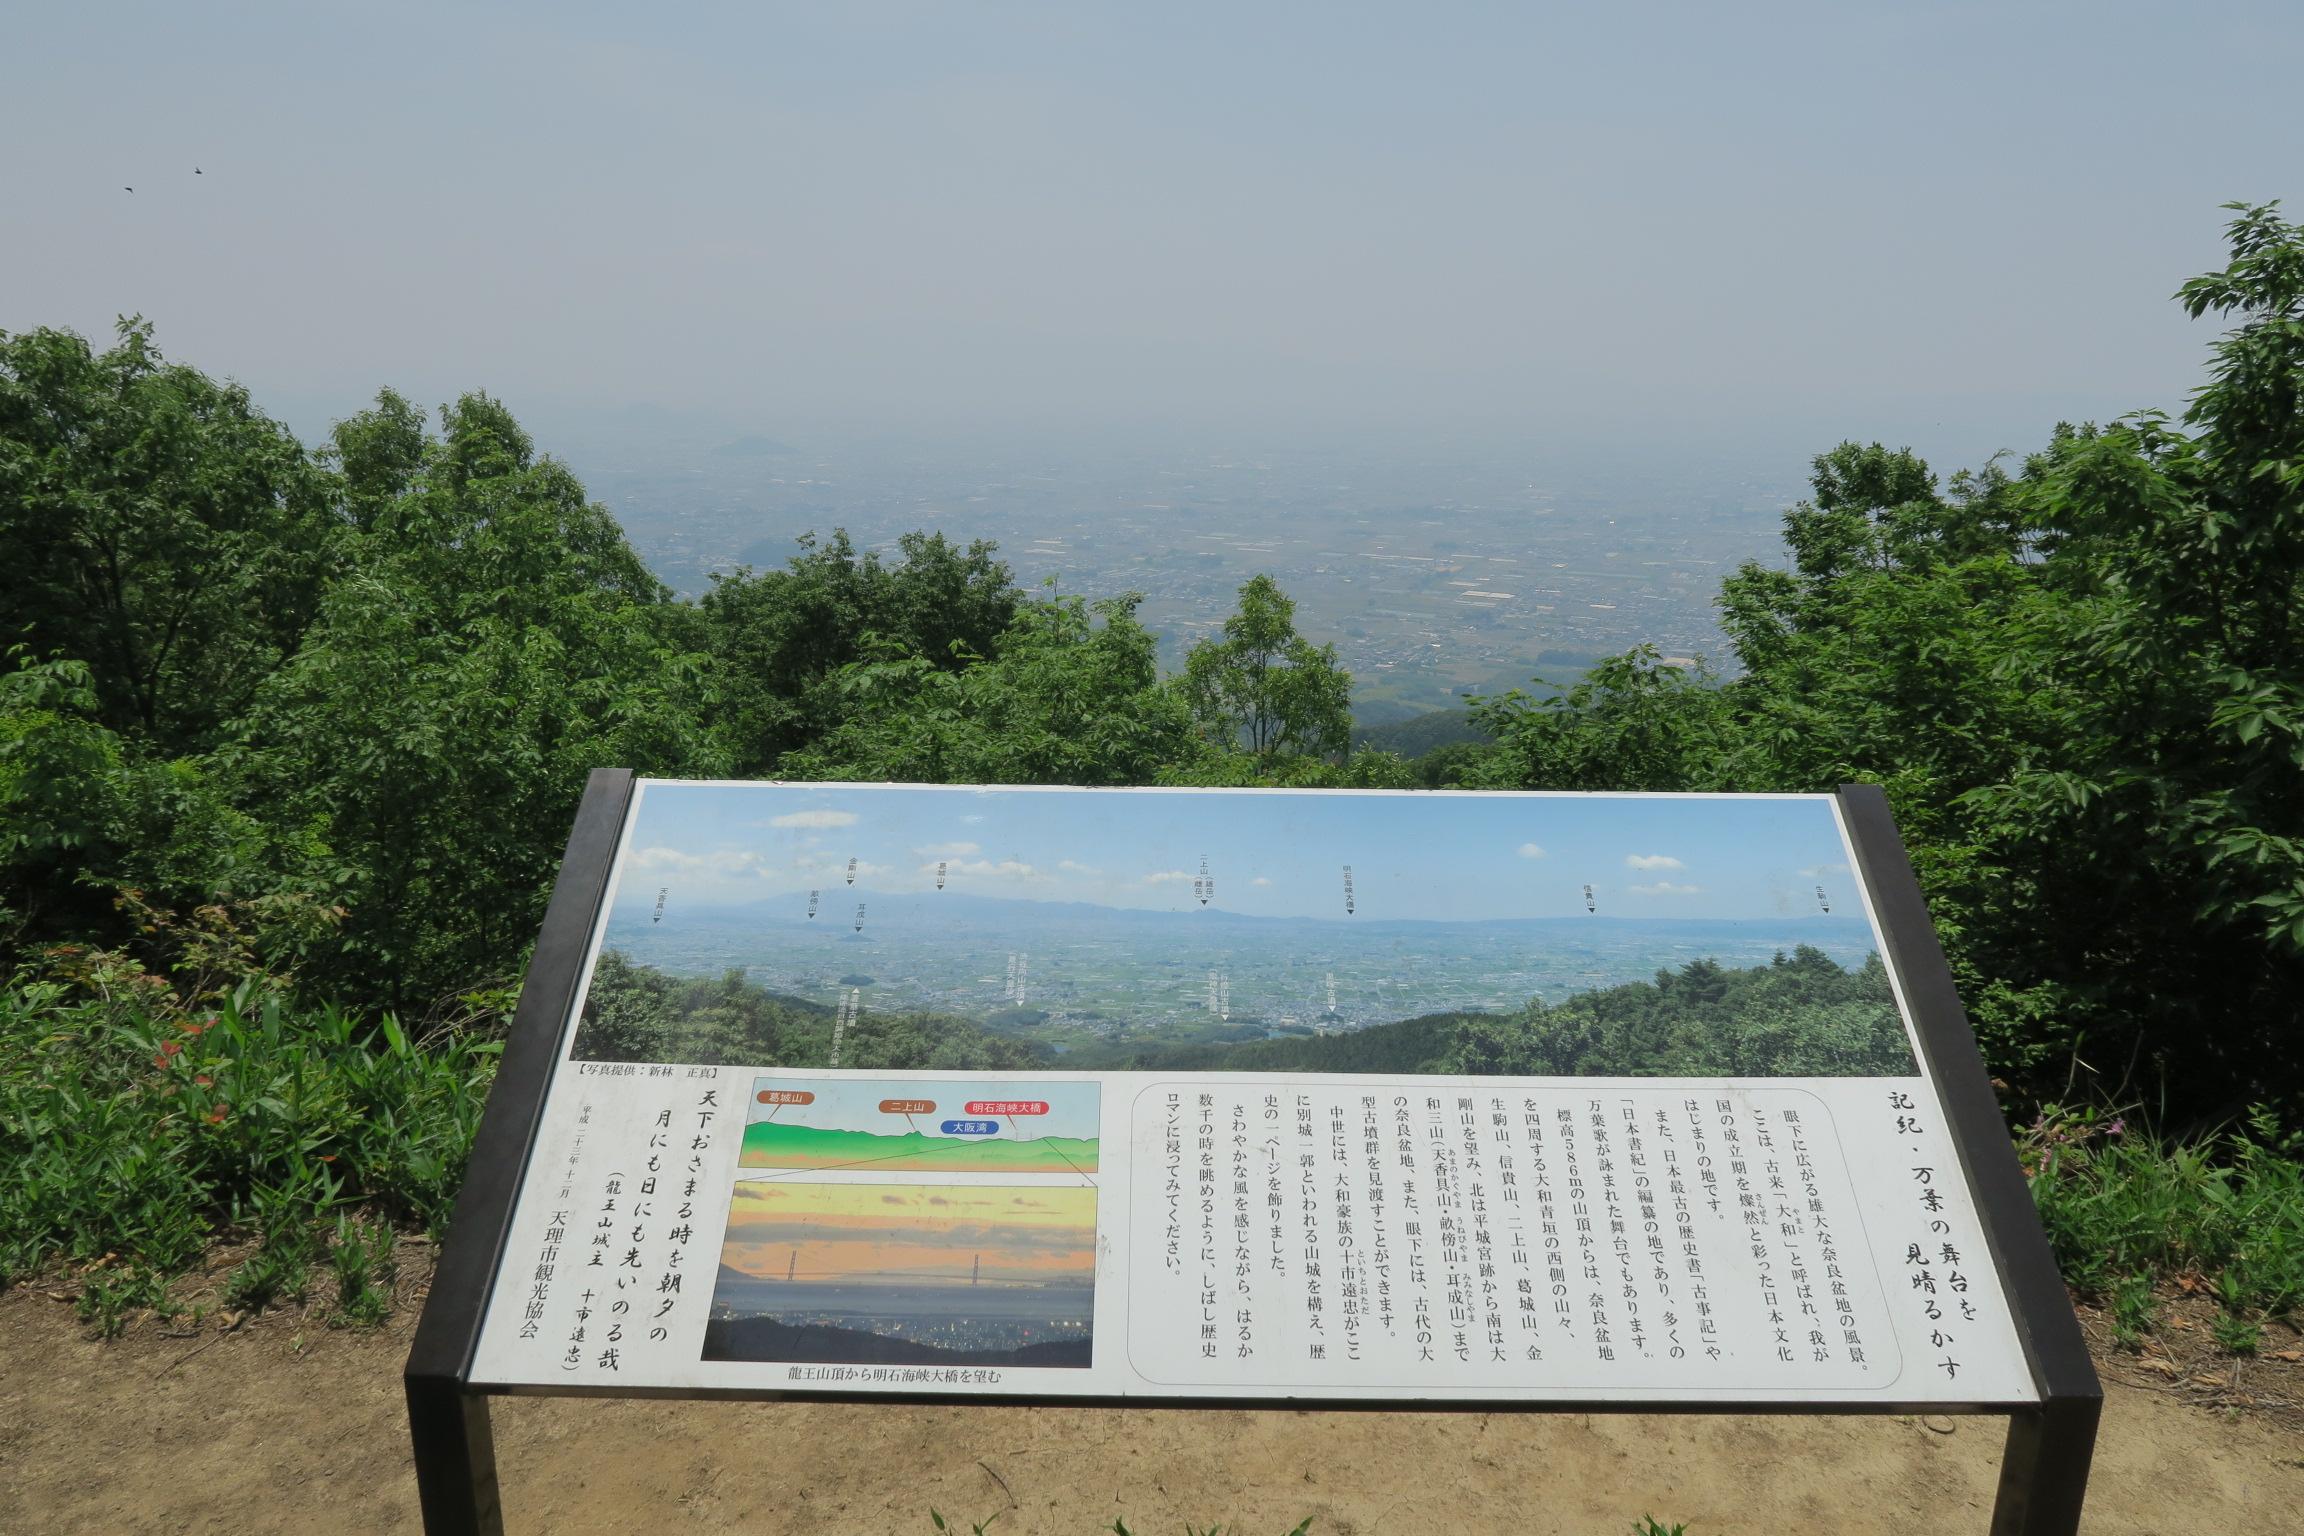 ガスがかかっていますが、大和三山はじめ金剛山、葛城山などが見える眺望の良い場所です。